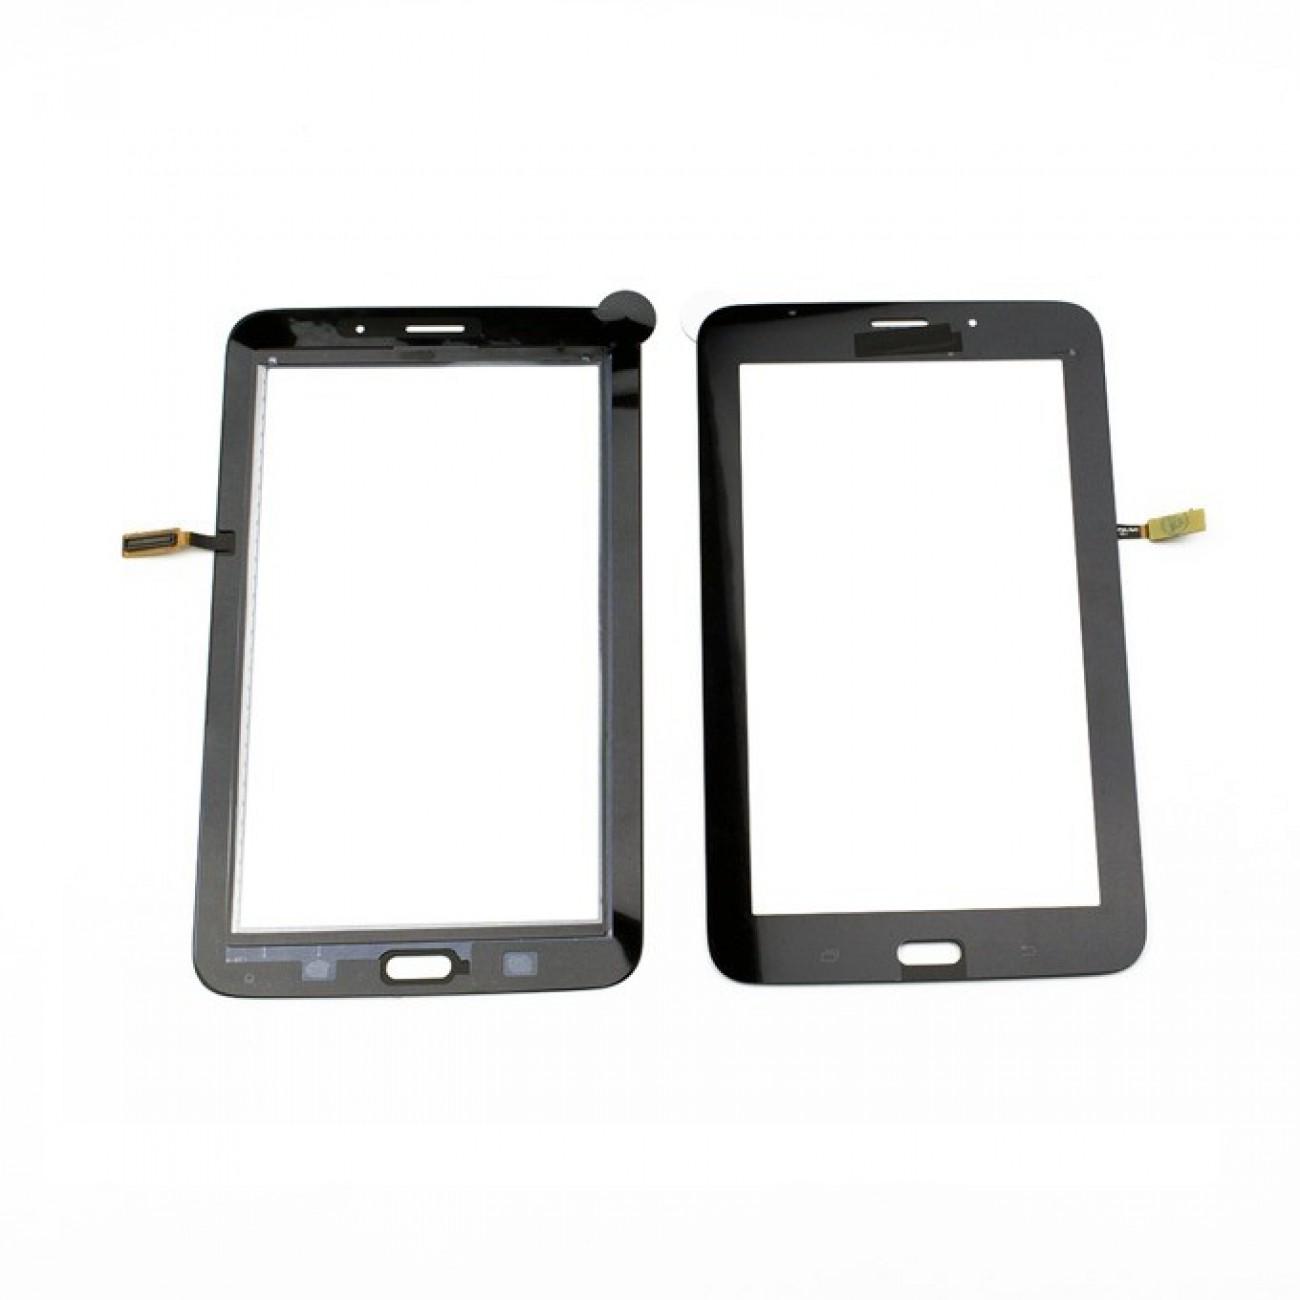 Тъч модул за Samsung Galaxy Tab T116, touch, черен в Резервни части -  | Alleop